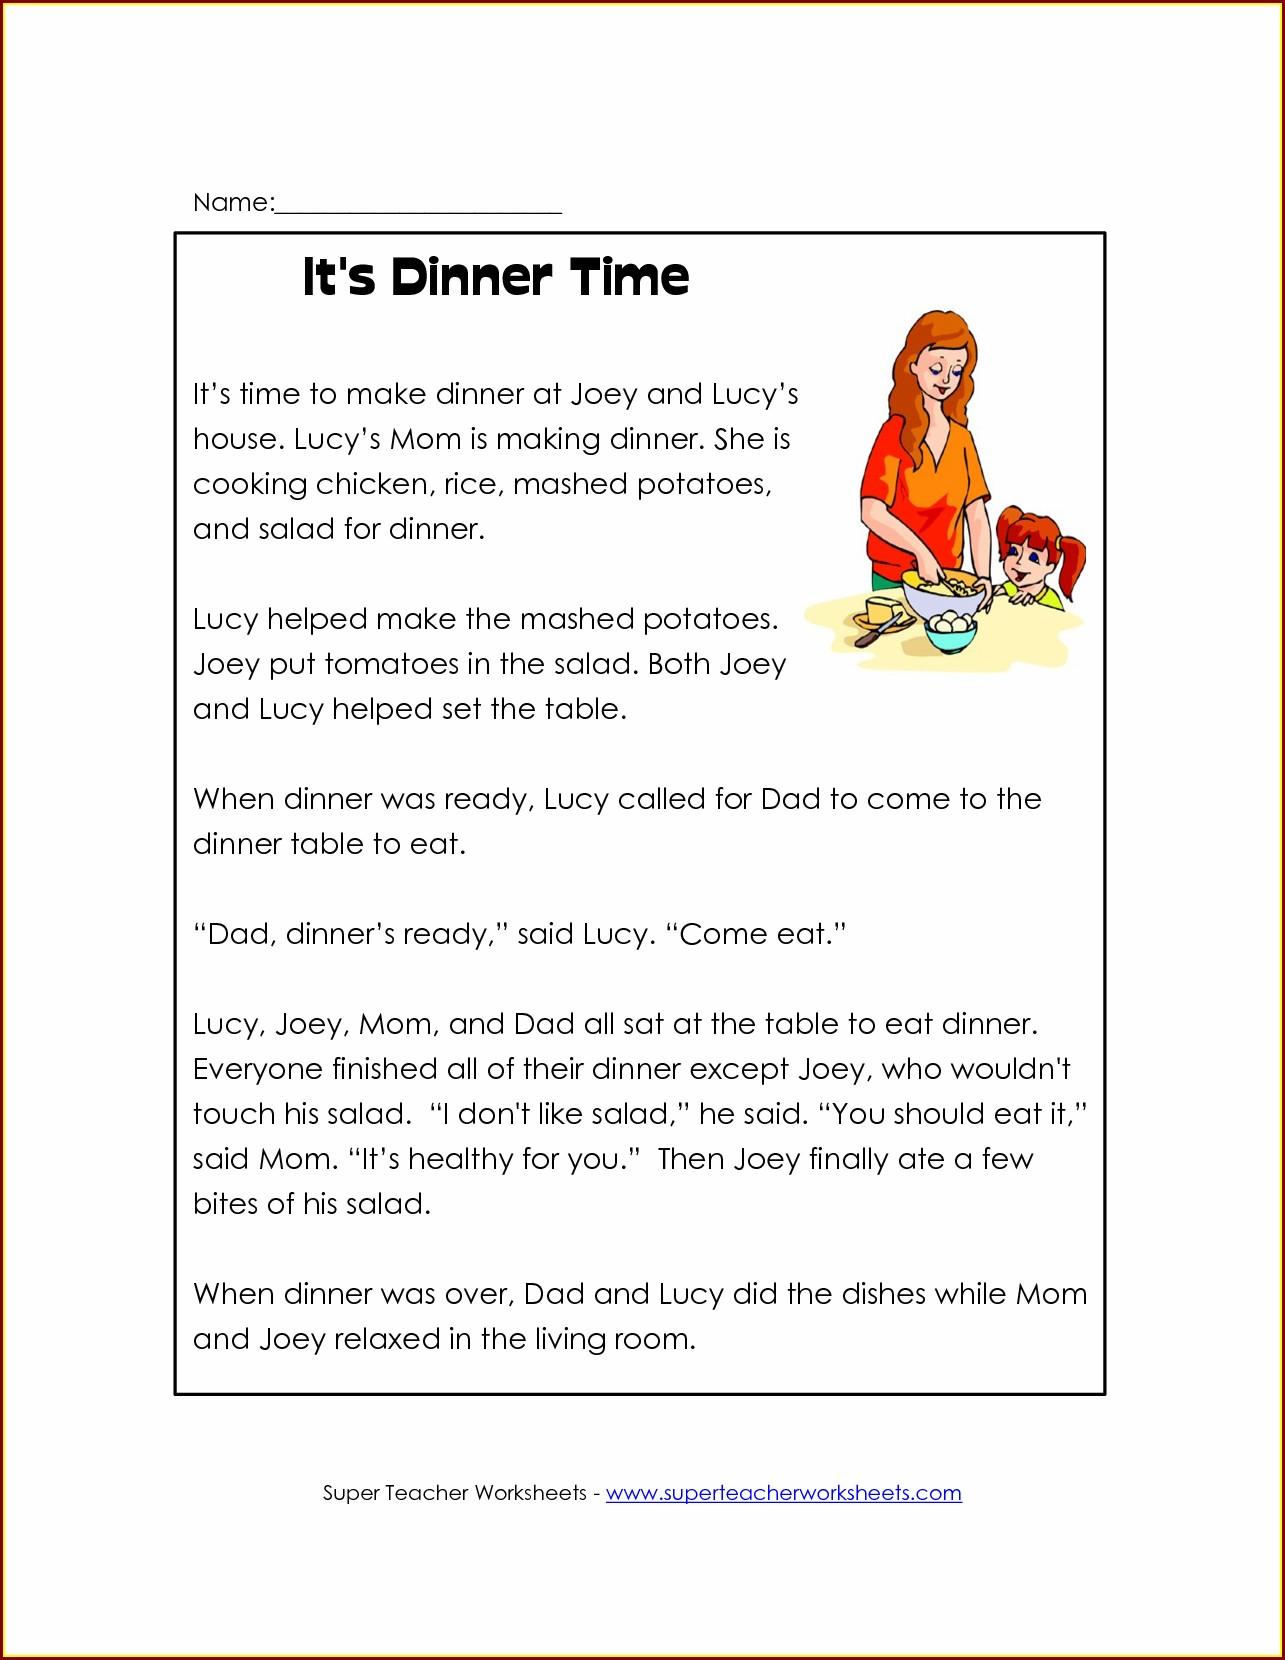 Timeline Worksheet For Students Worksheet Resume Examples